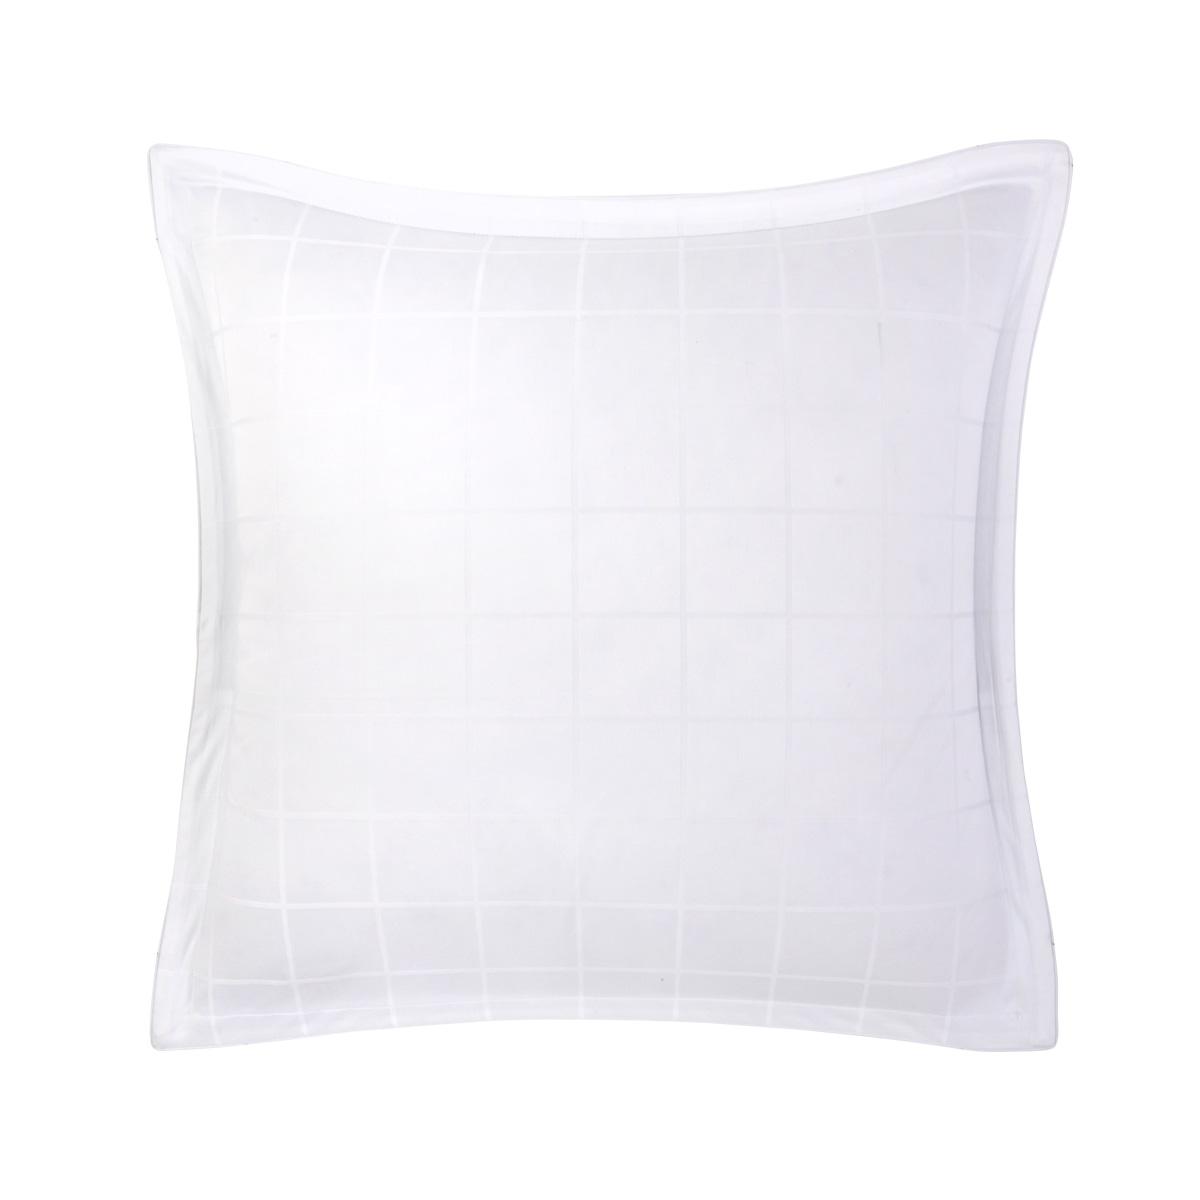 Taie d'oreiller satin Blanc 65 x 65 cm